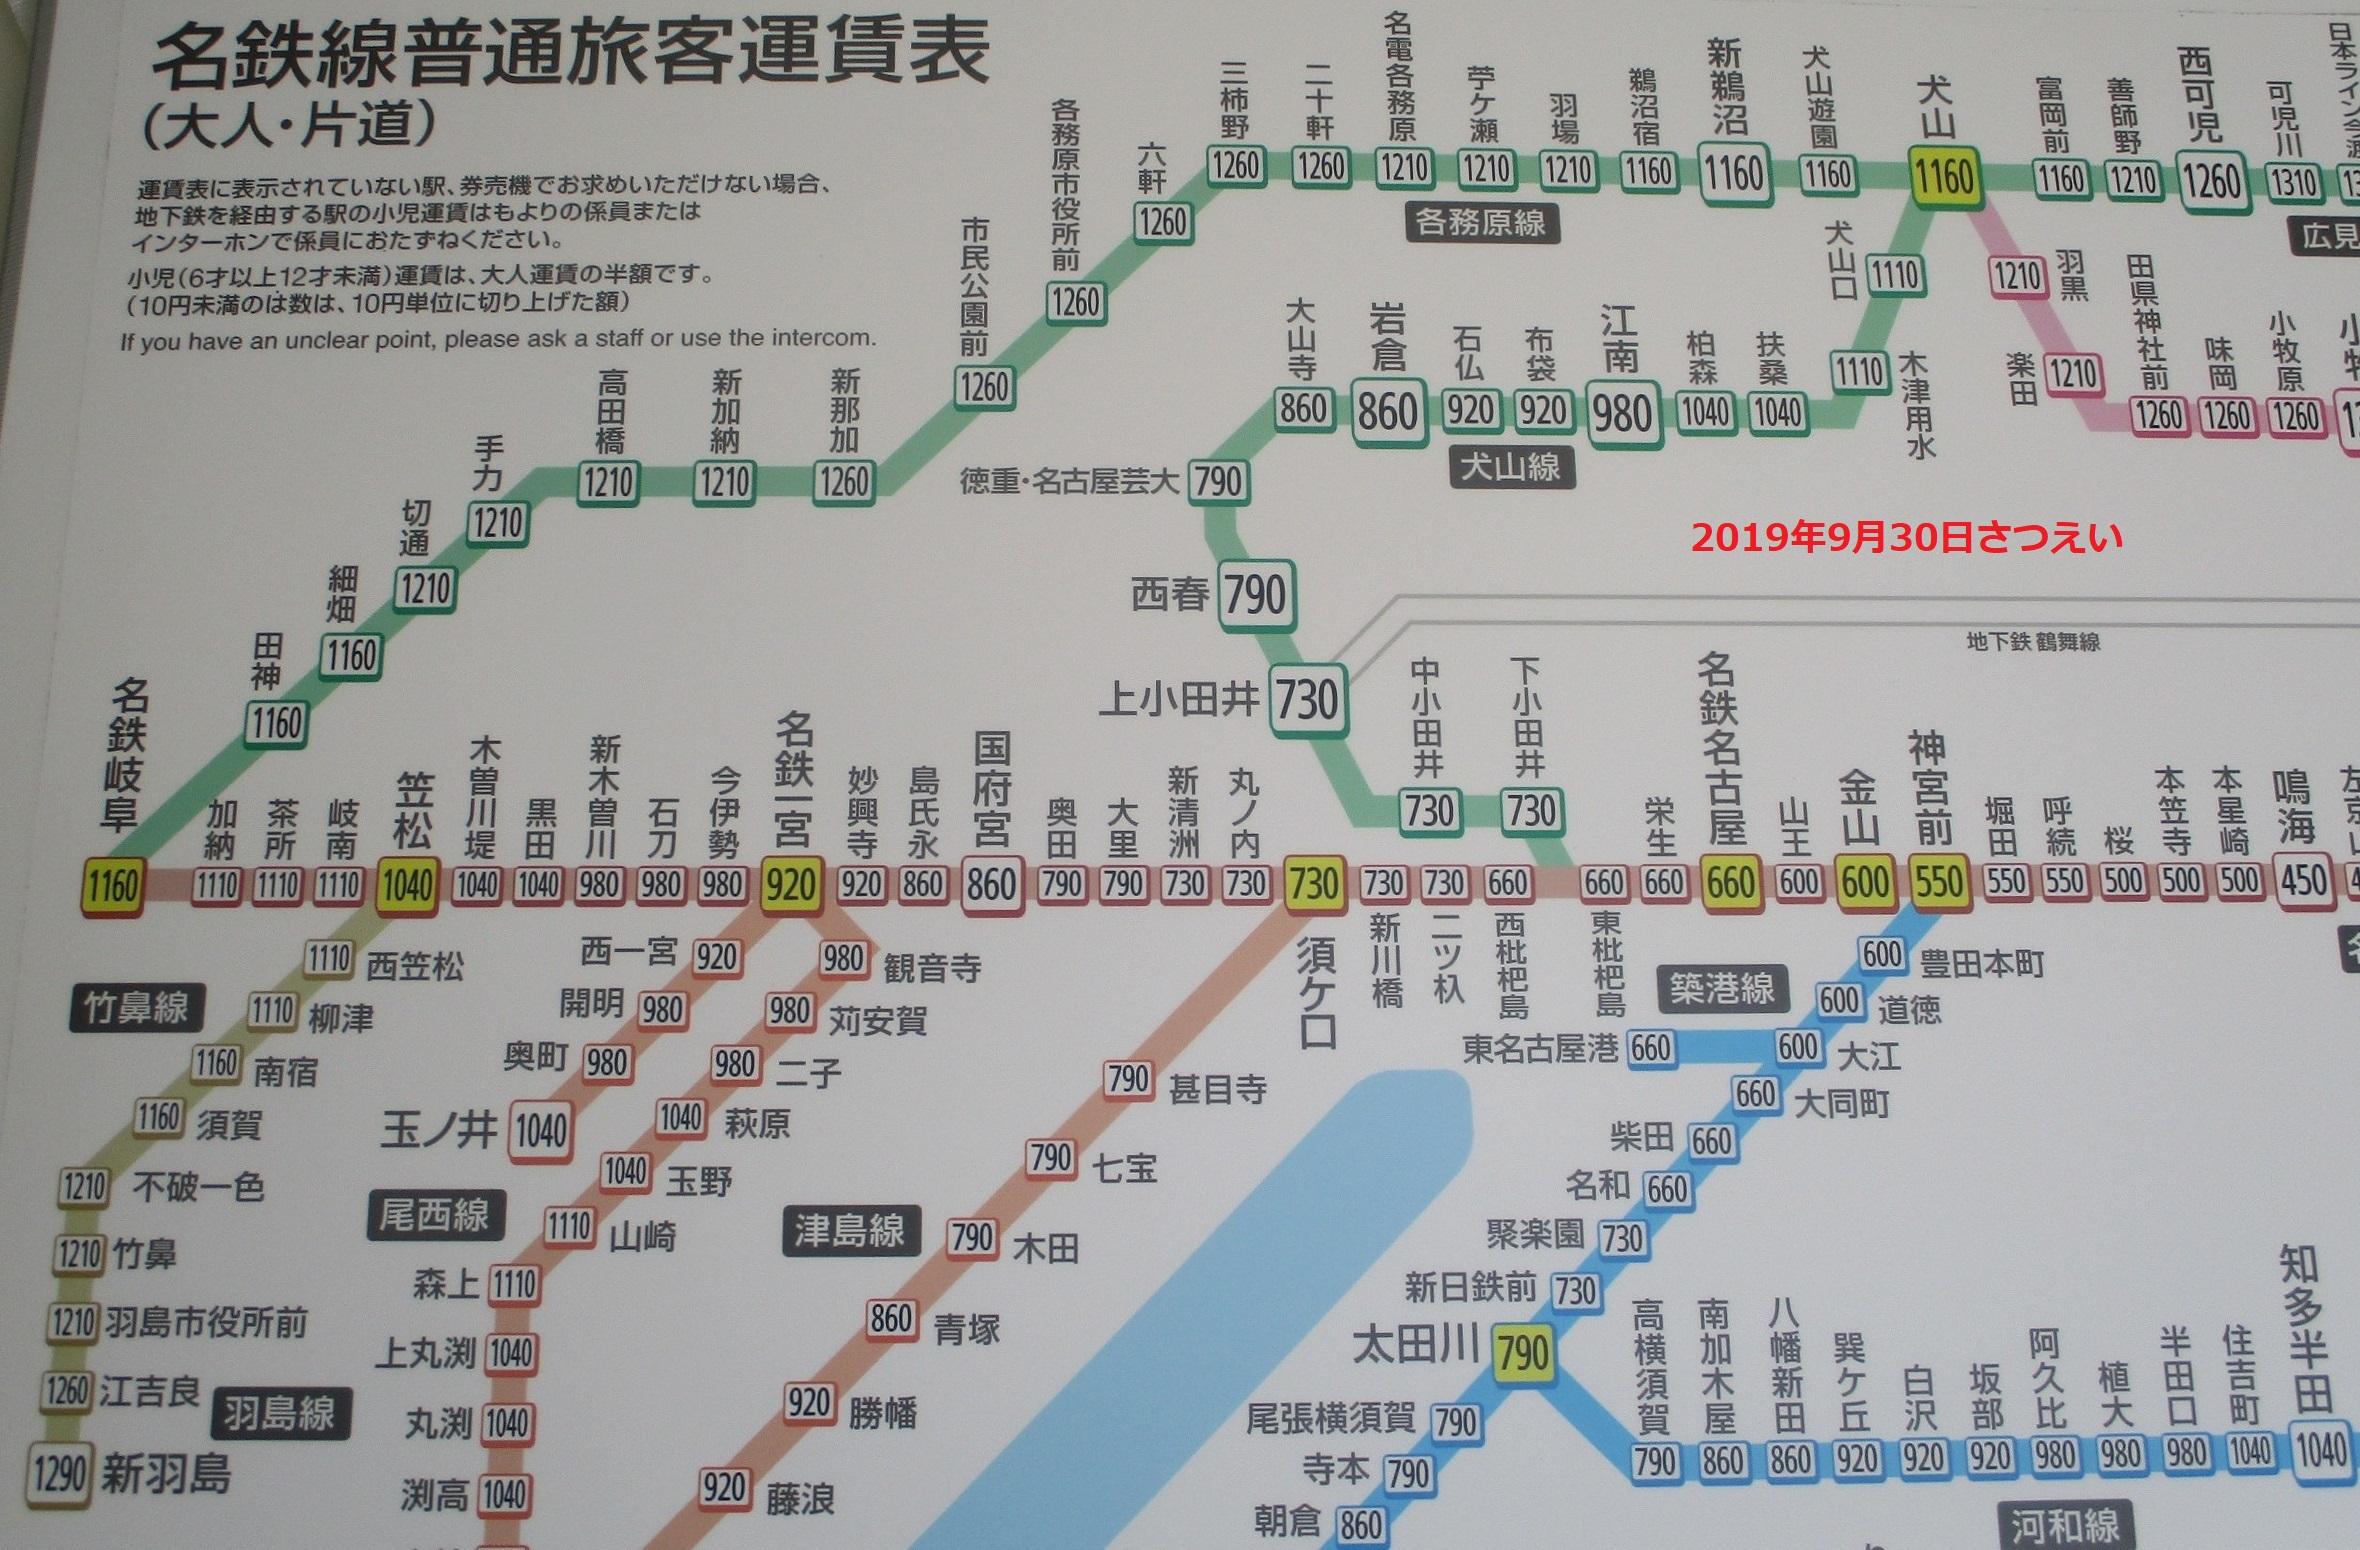 2019.9.30 ふるい - 料金表 4-4 西北 2360-1550